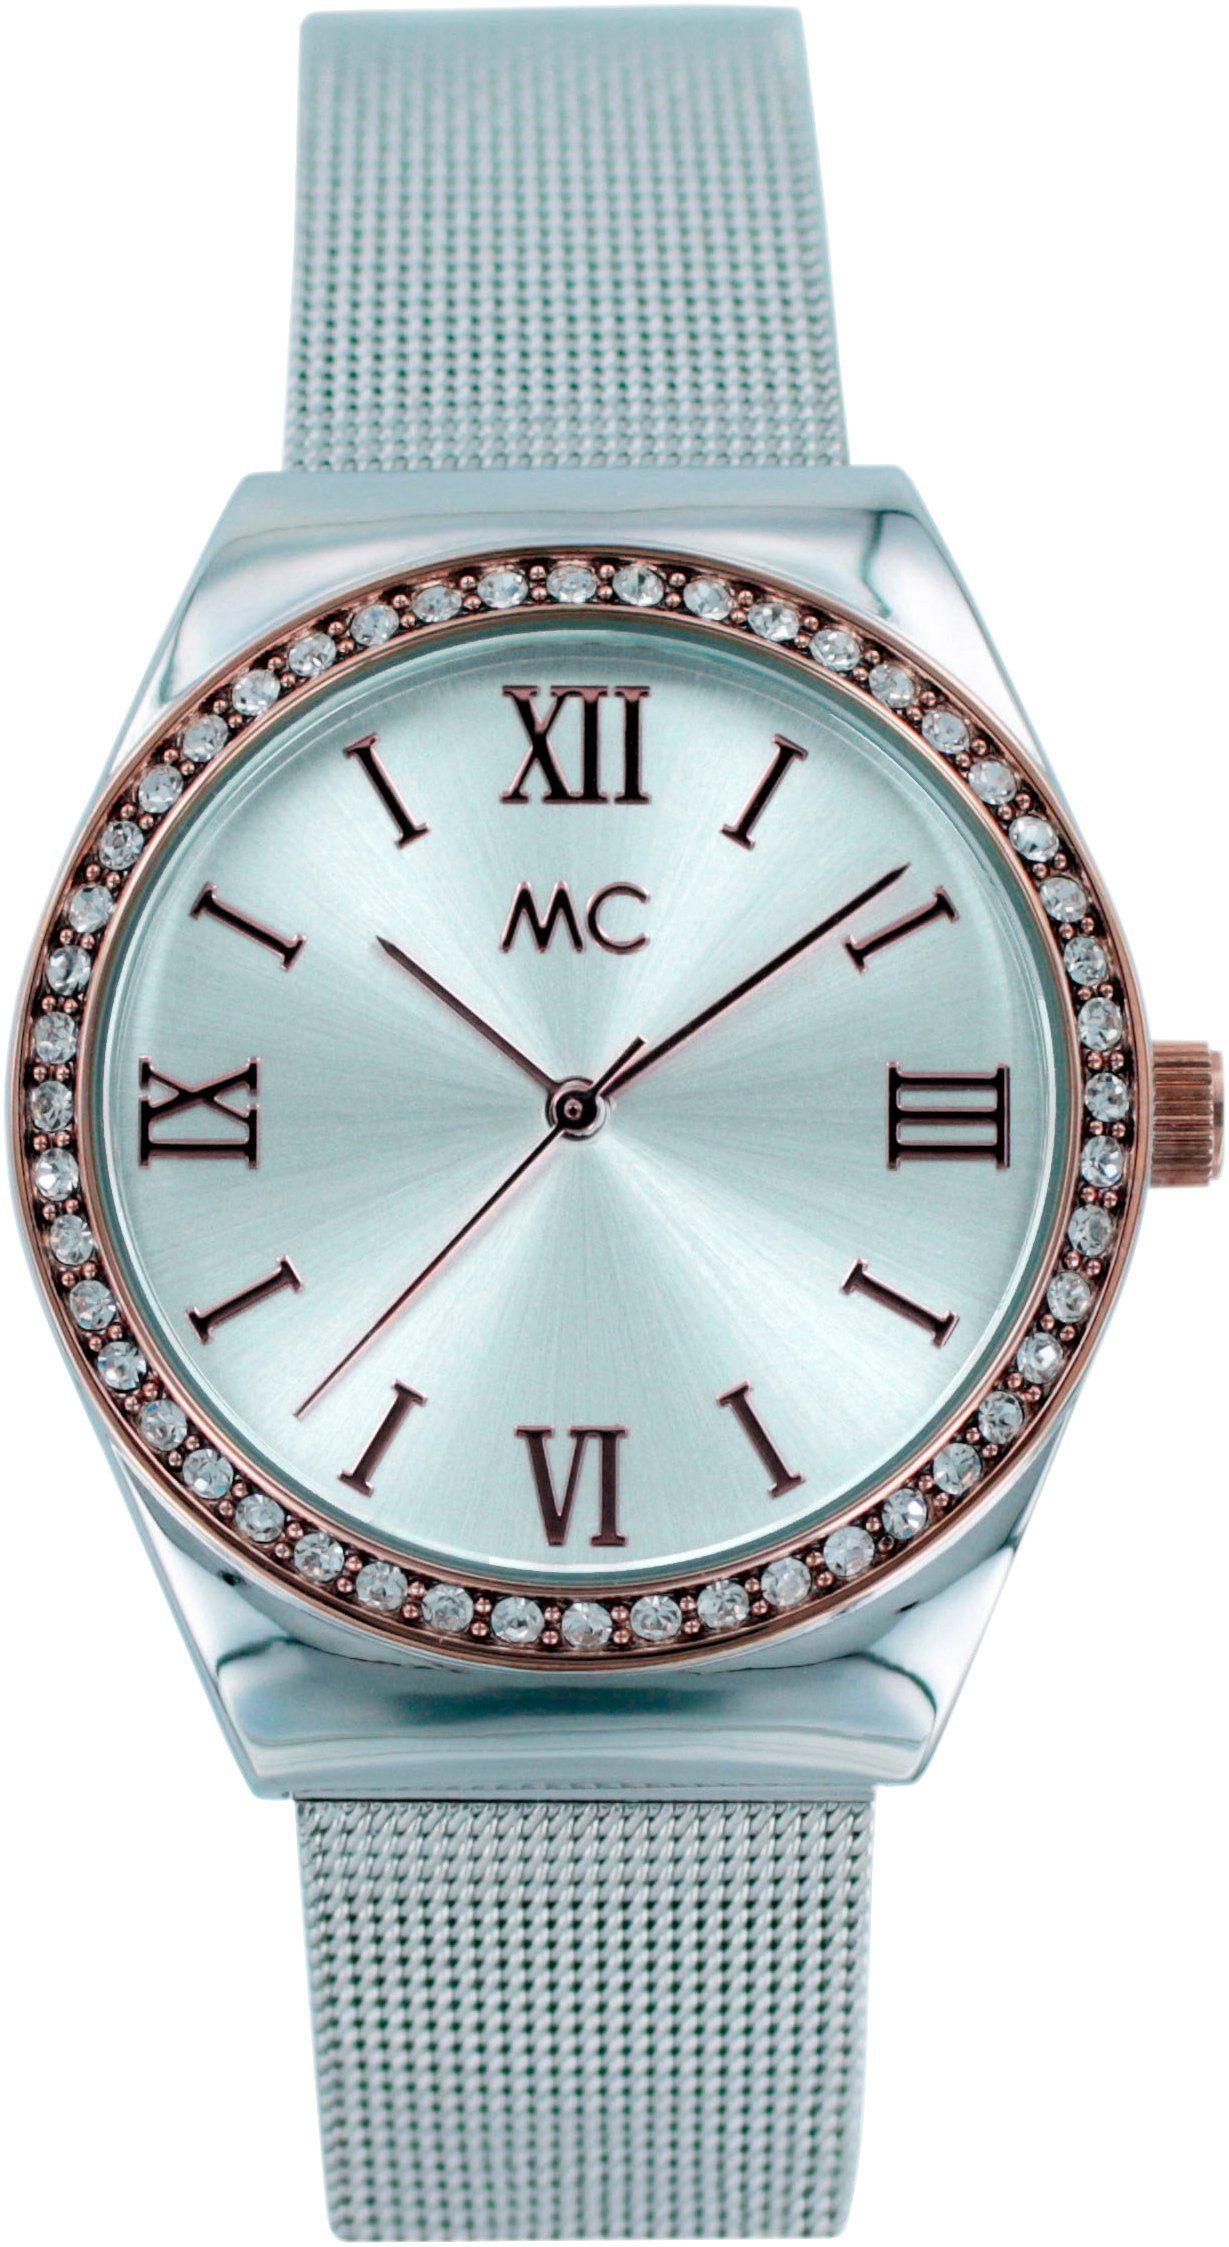 MC Damenuhr mit vielen funkelnden Kristallen